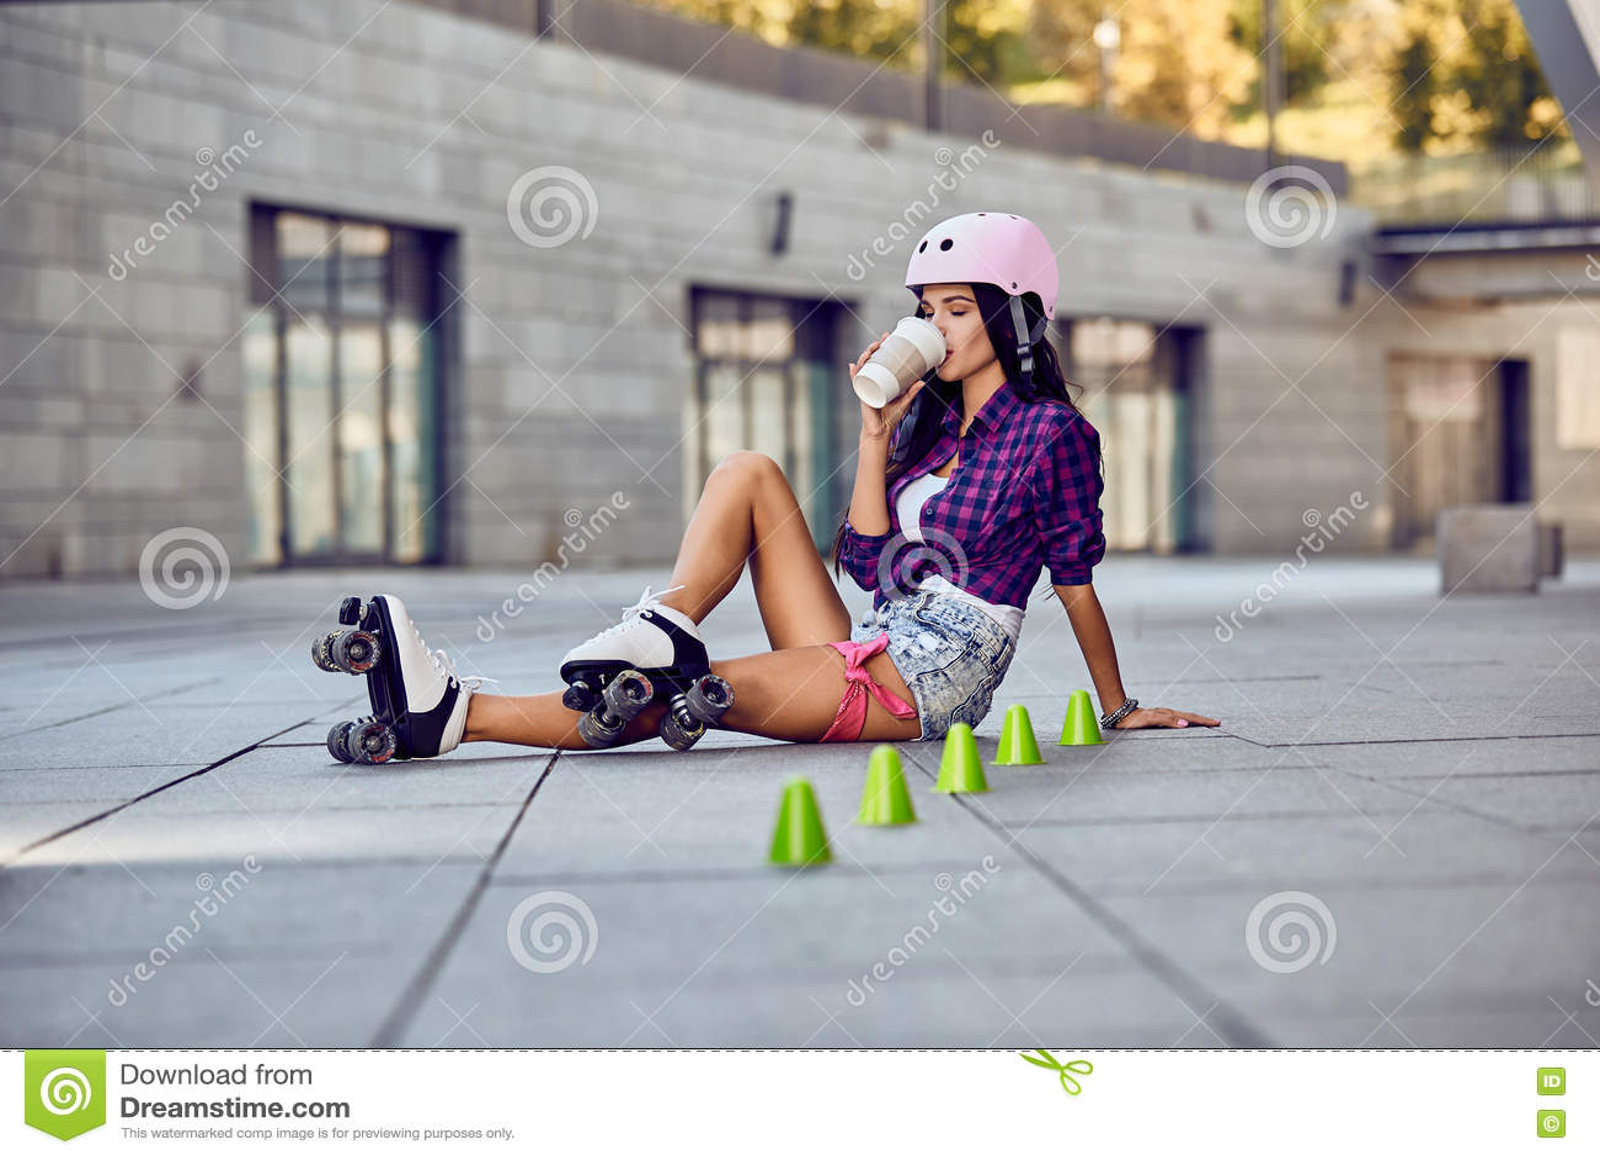 Rollerblading sammanträde för lycklig tonåring på gata- och drinkkaffe